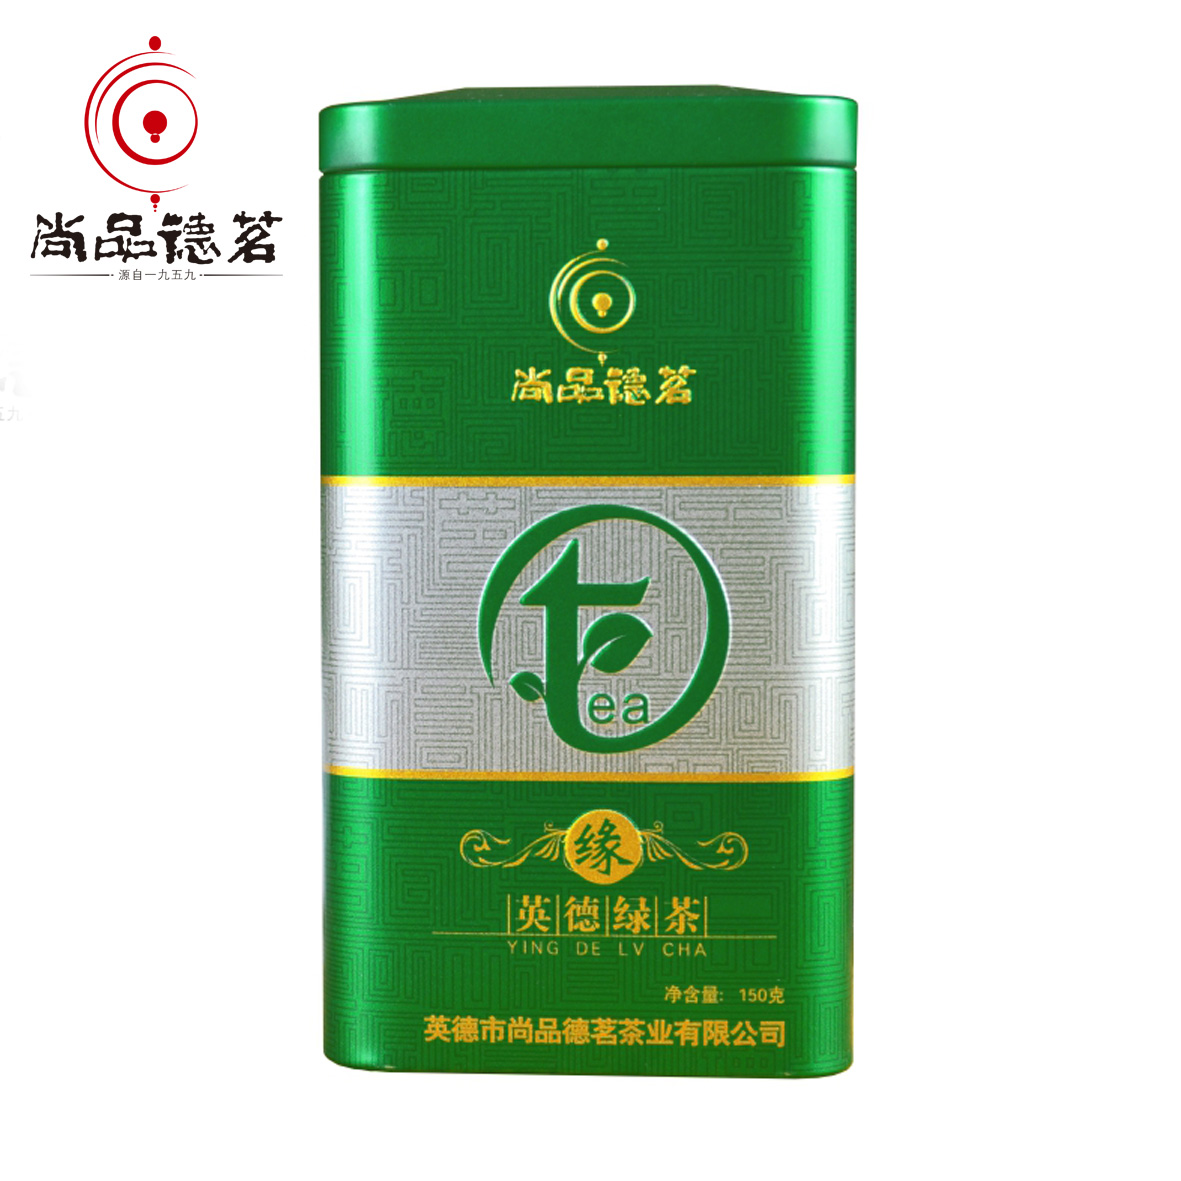 尚品德茗缘150g罐装英德绿茶叶广东清远特产绿茶中-英德绿茶(大福报食品专营店仅售80.5元)